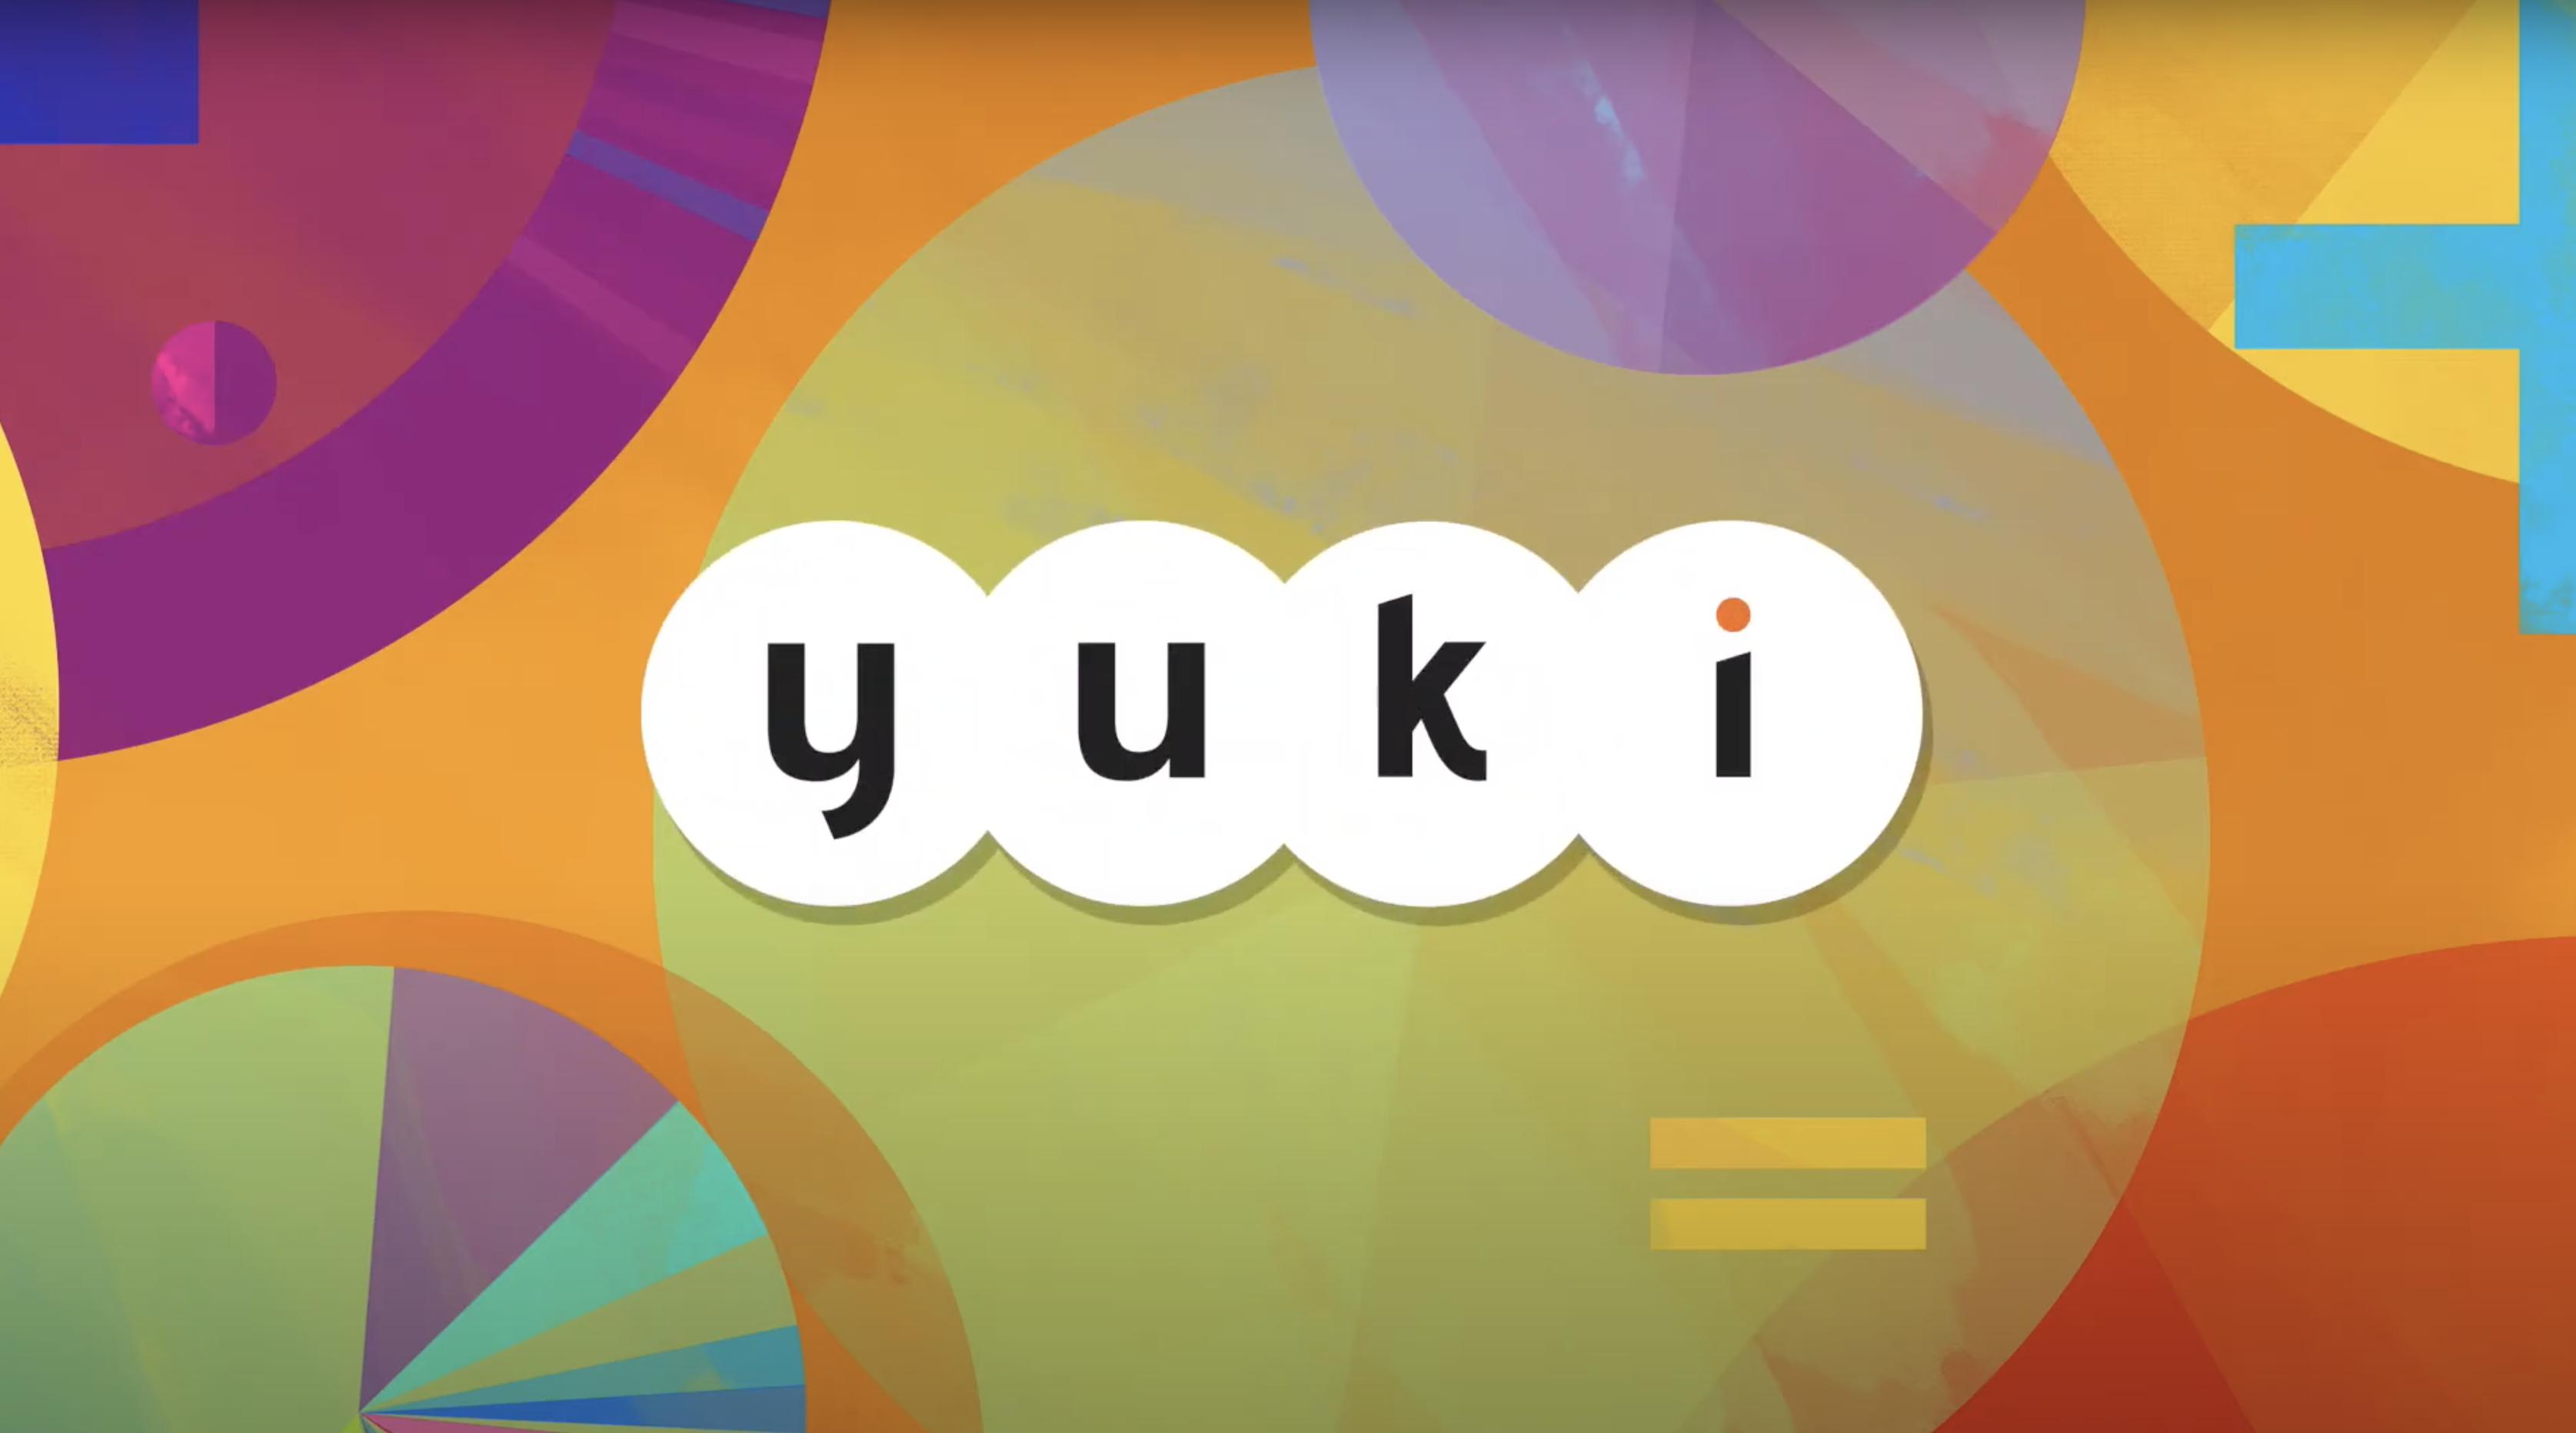 Ontdek de Yuki software in 3 minuten